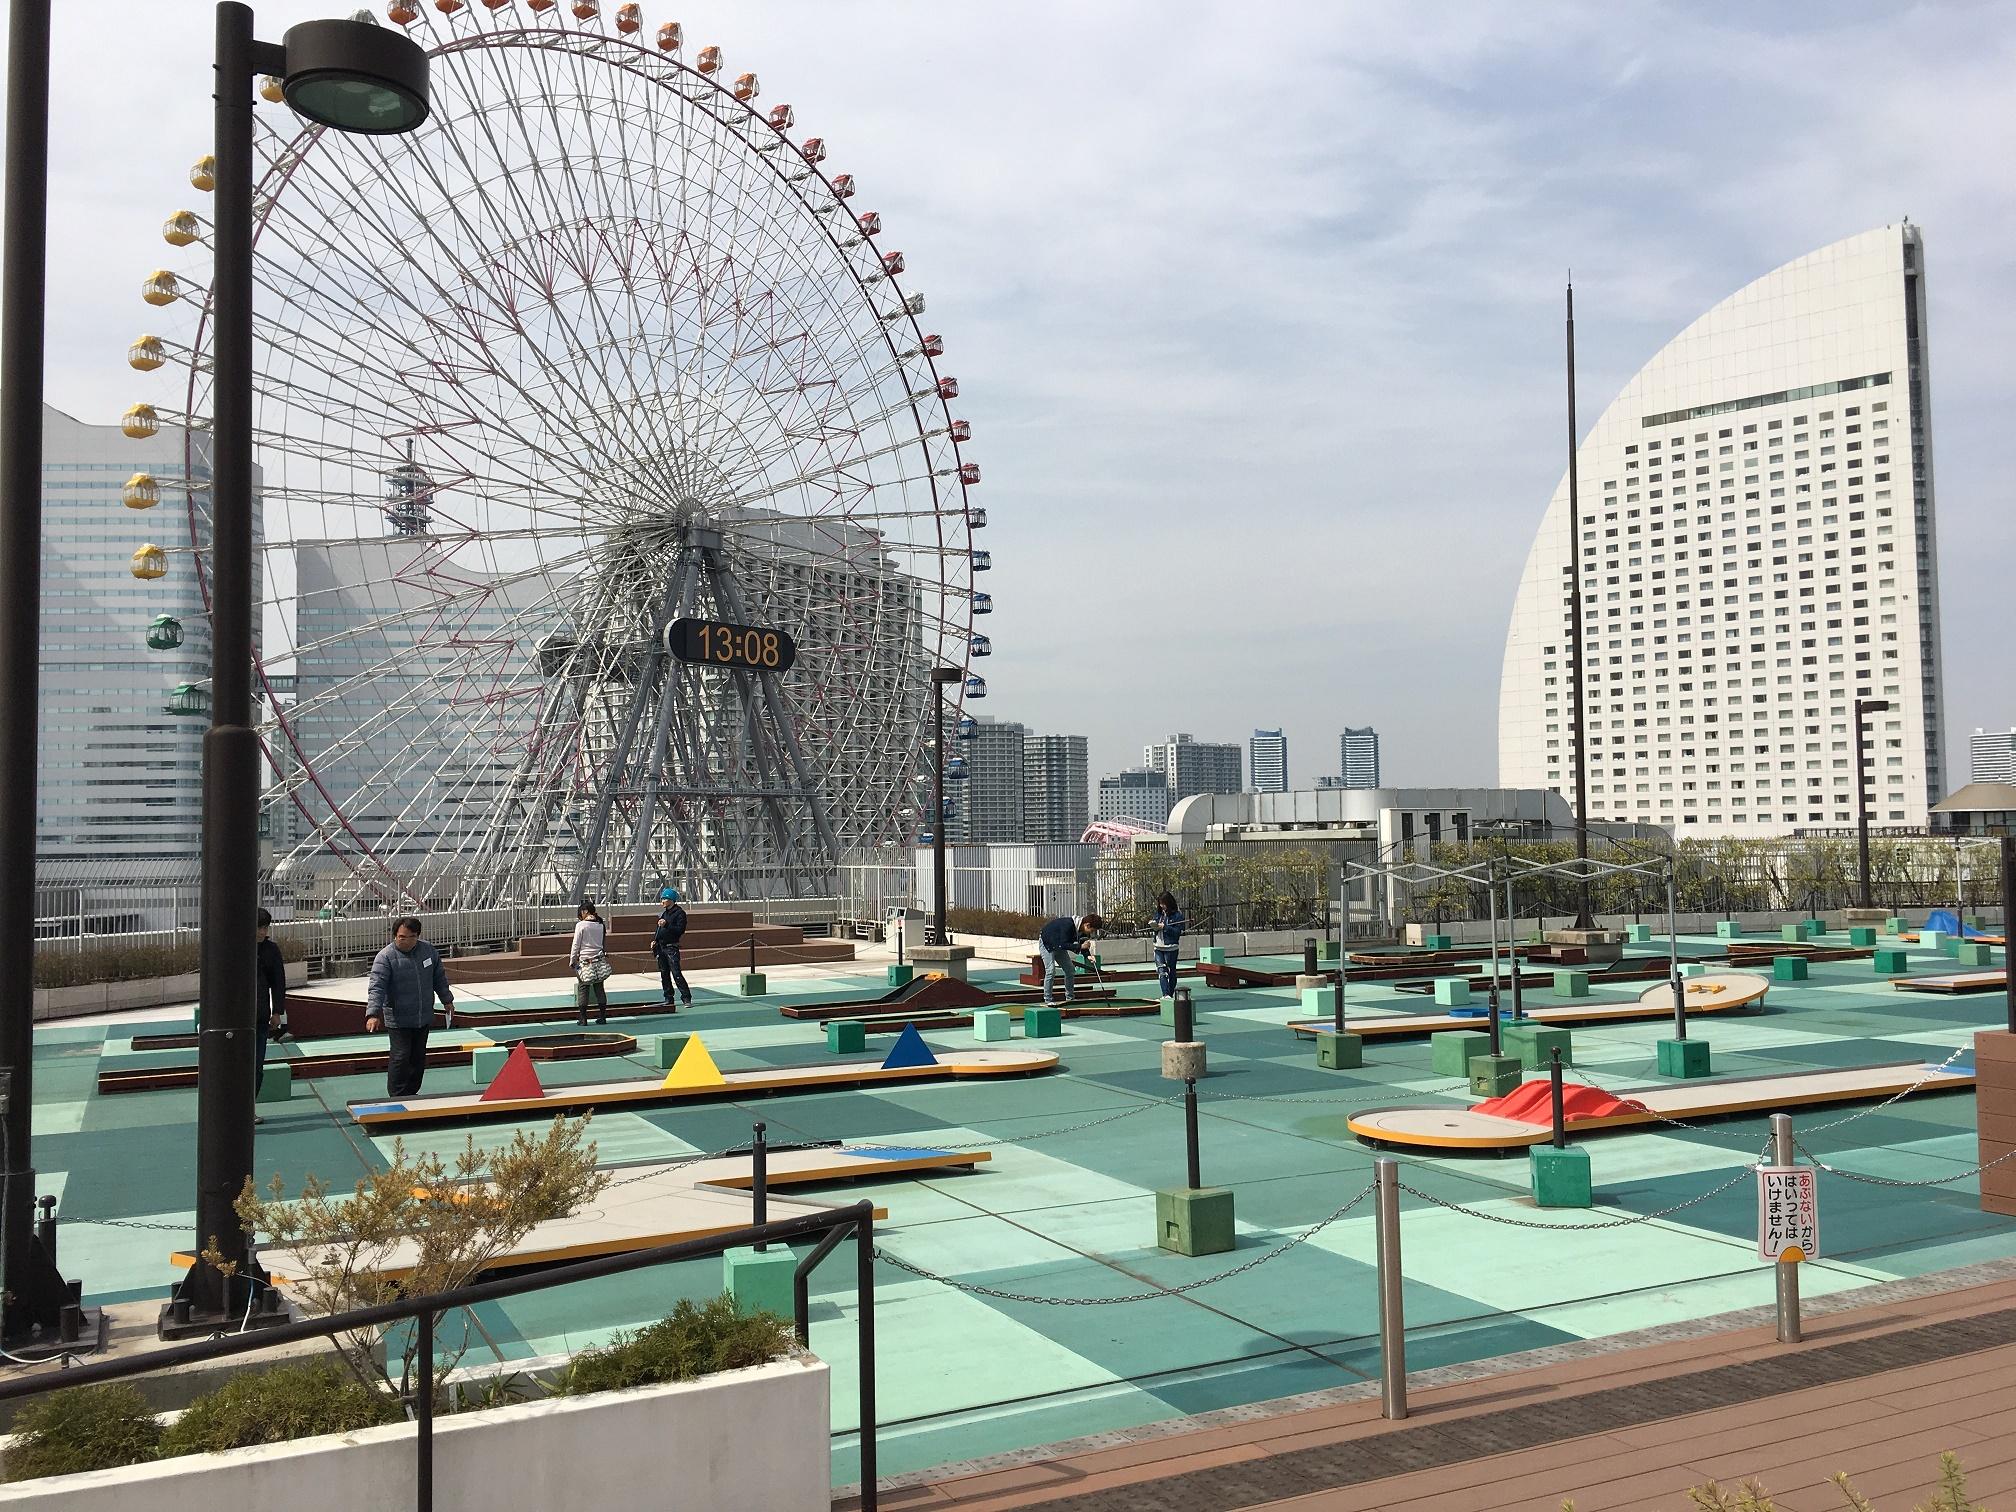 横浜バーンゴルフ場のミニゴルフで家族対決!横浜の大観覧車を眺めながら、家族みんなで気分転換に遊べましたー